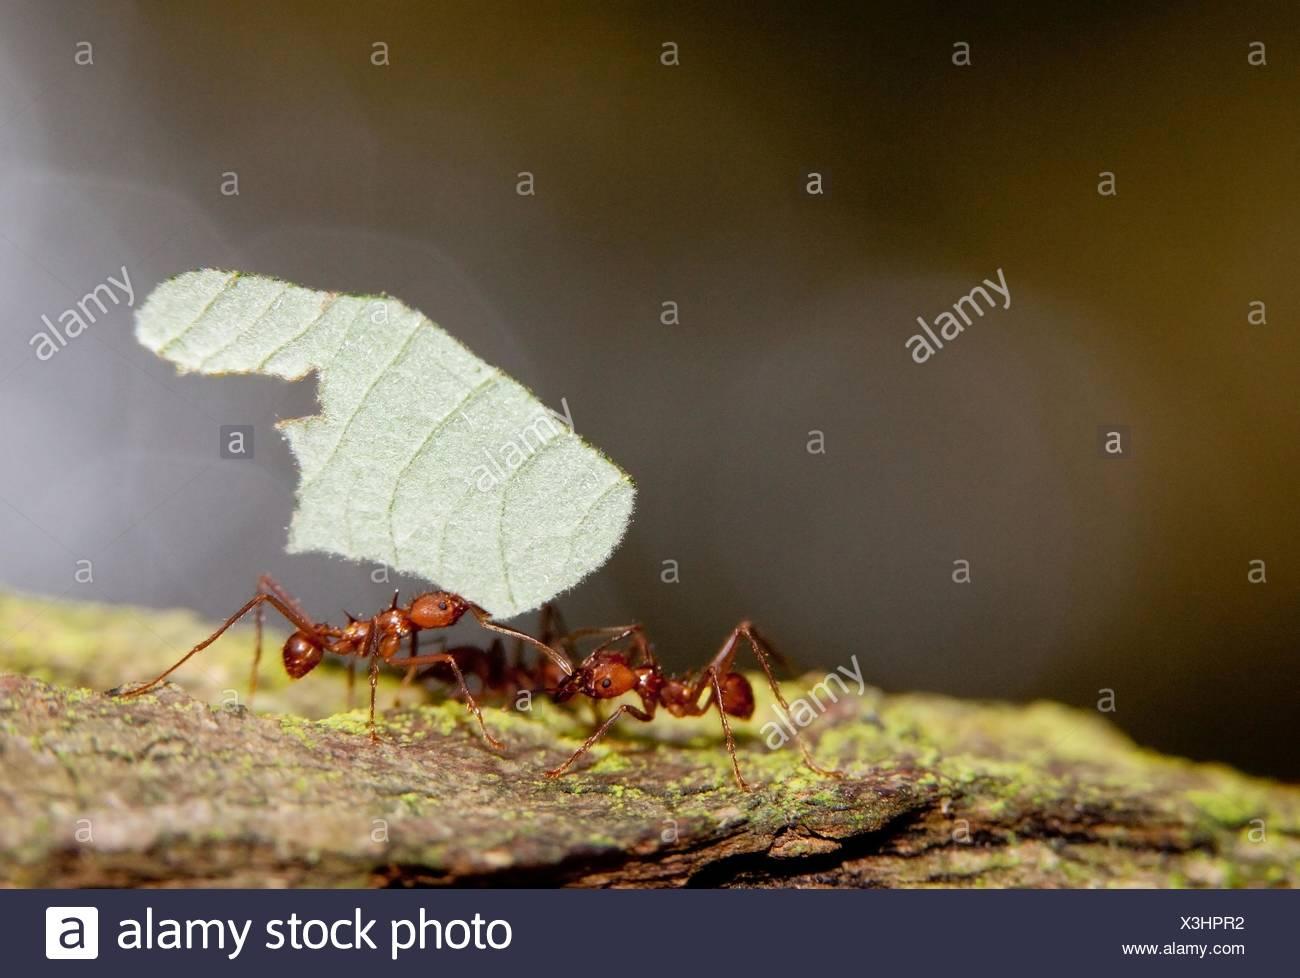 Fantastisch Ameisen Färbung Blatt Bilder - Beispielzusammenfassung ...